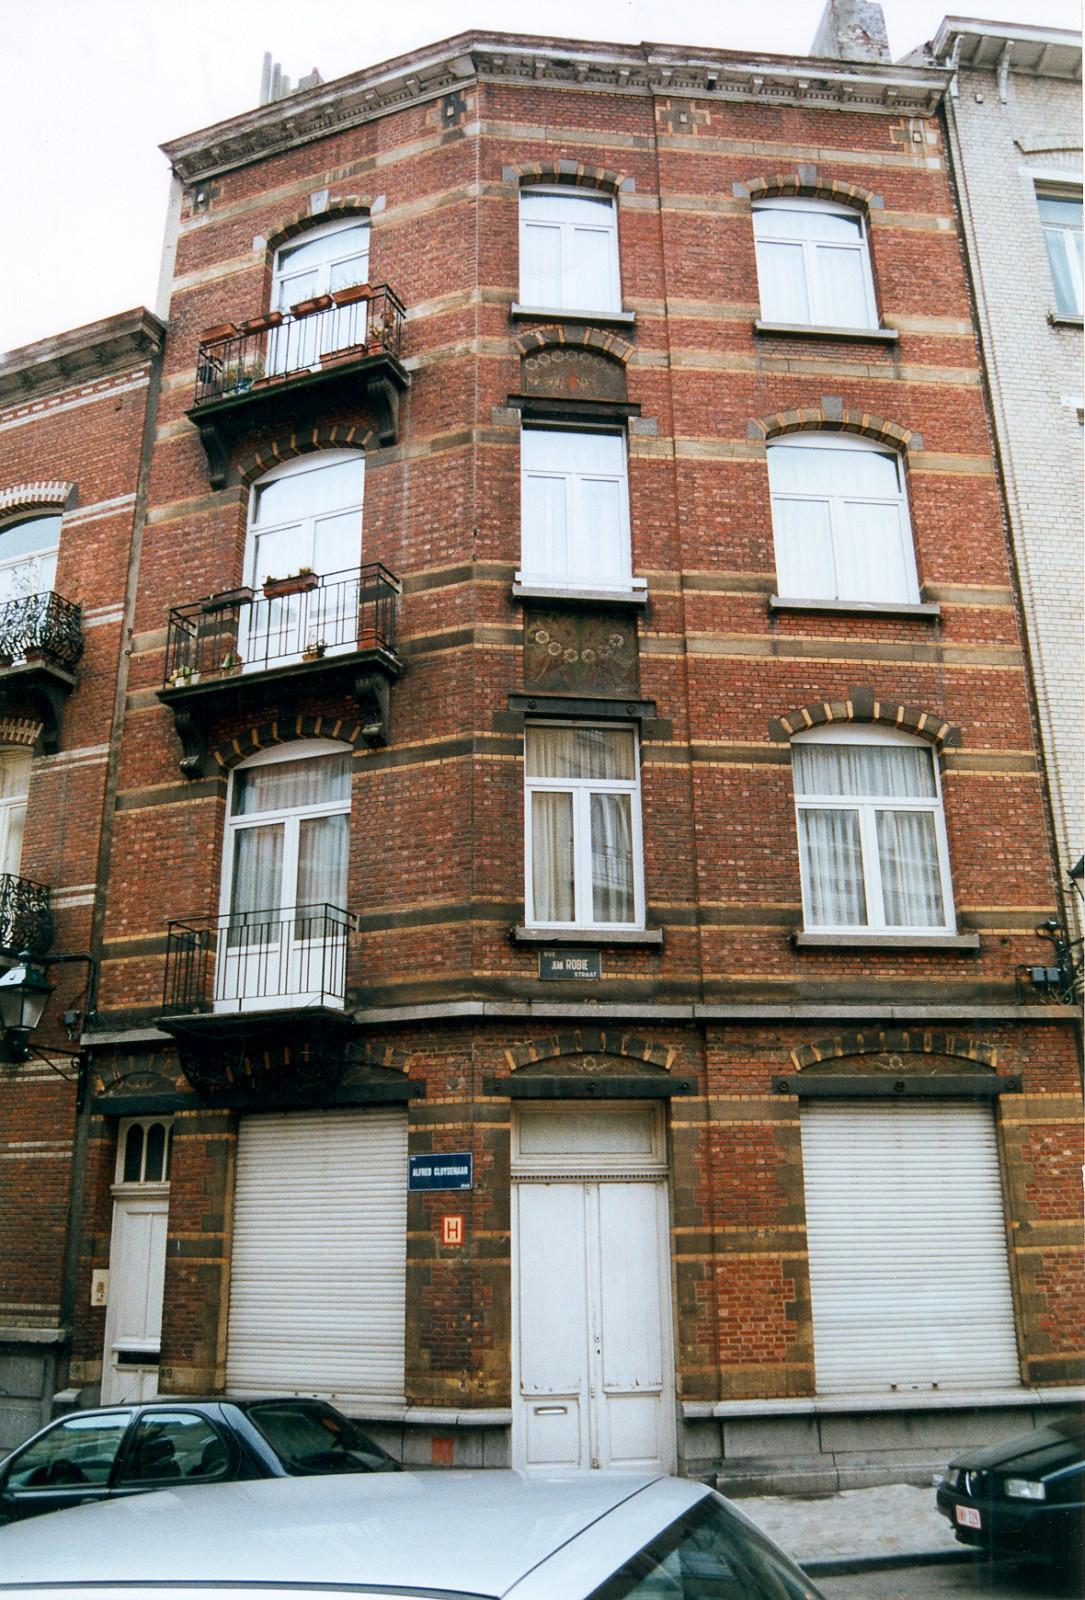 Rue Alfred Cluysenaer 49 et rue Jean Robie 85., 2003